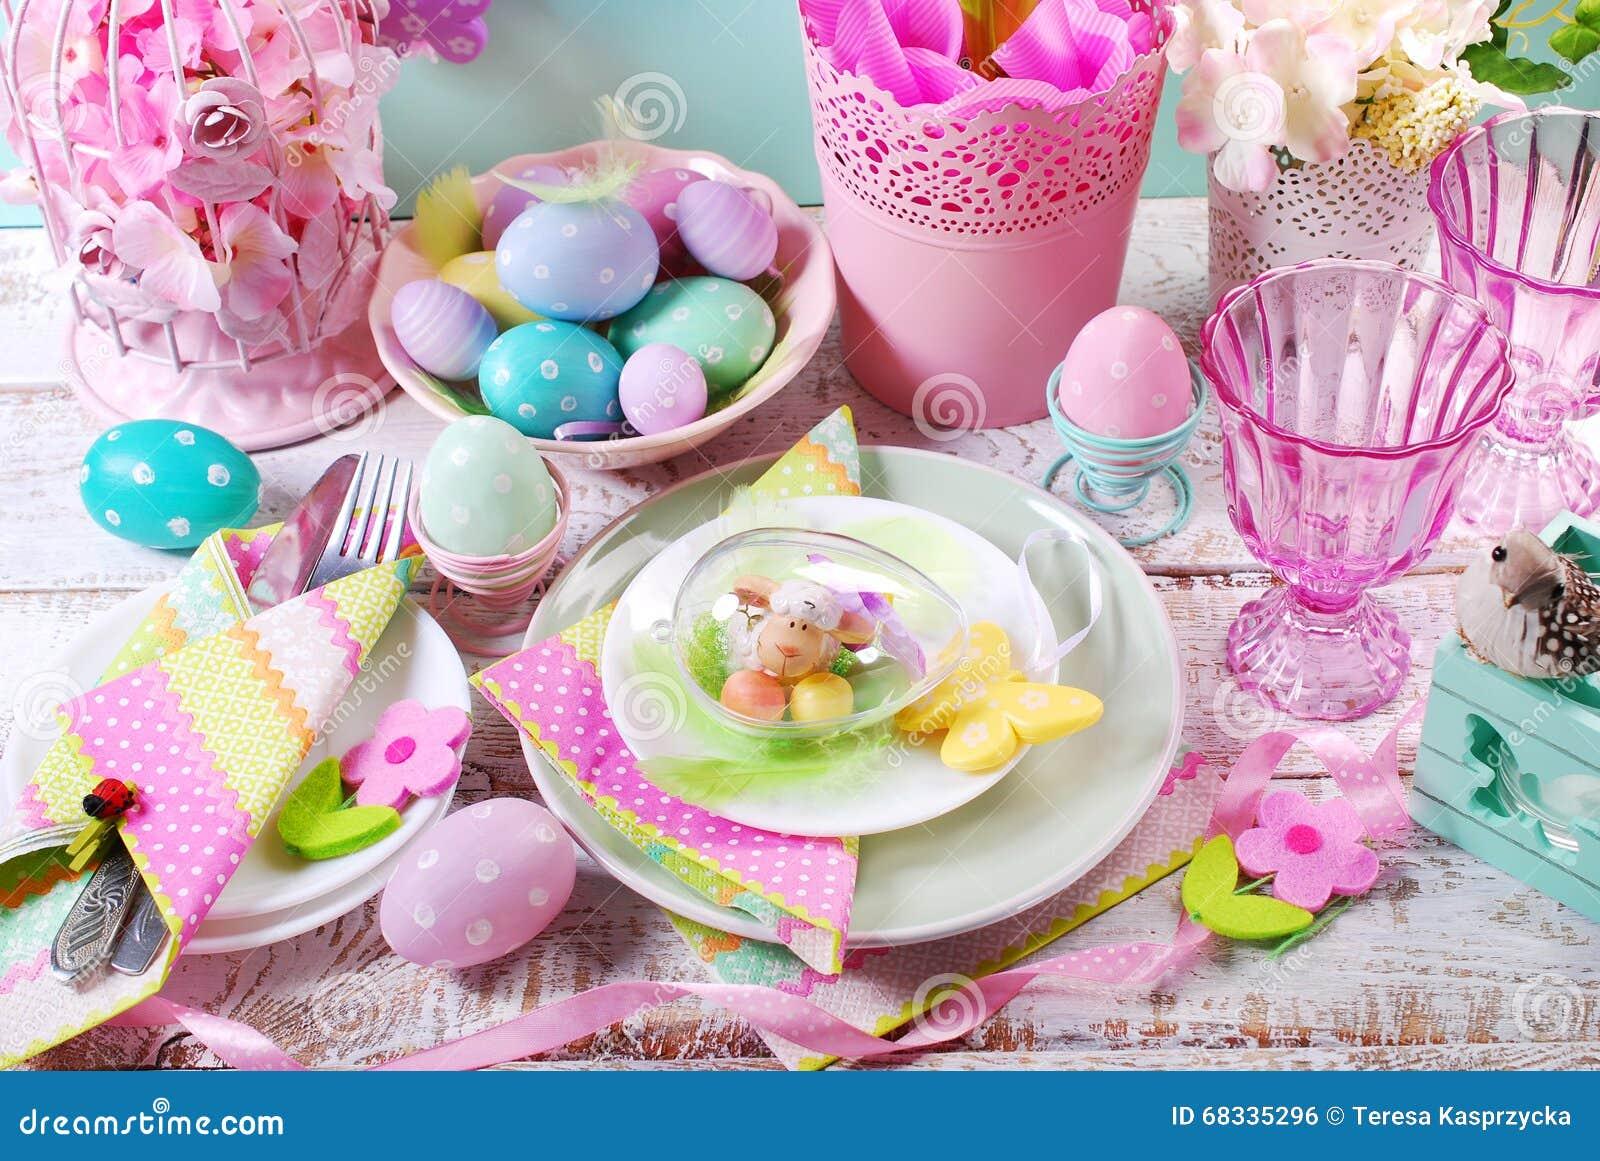 D coration de table de p ques avec des oeufs et des fleurs dans des couleurs en pastel photo - Decoration table paques fleurs ...